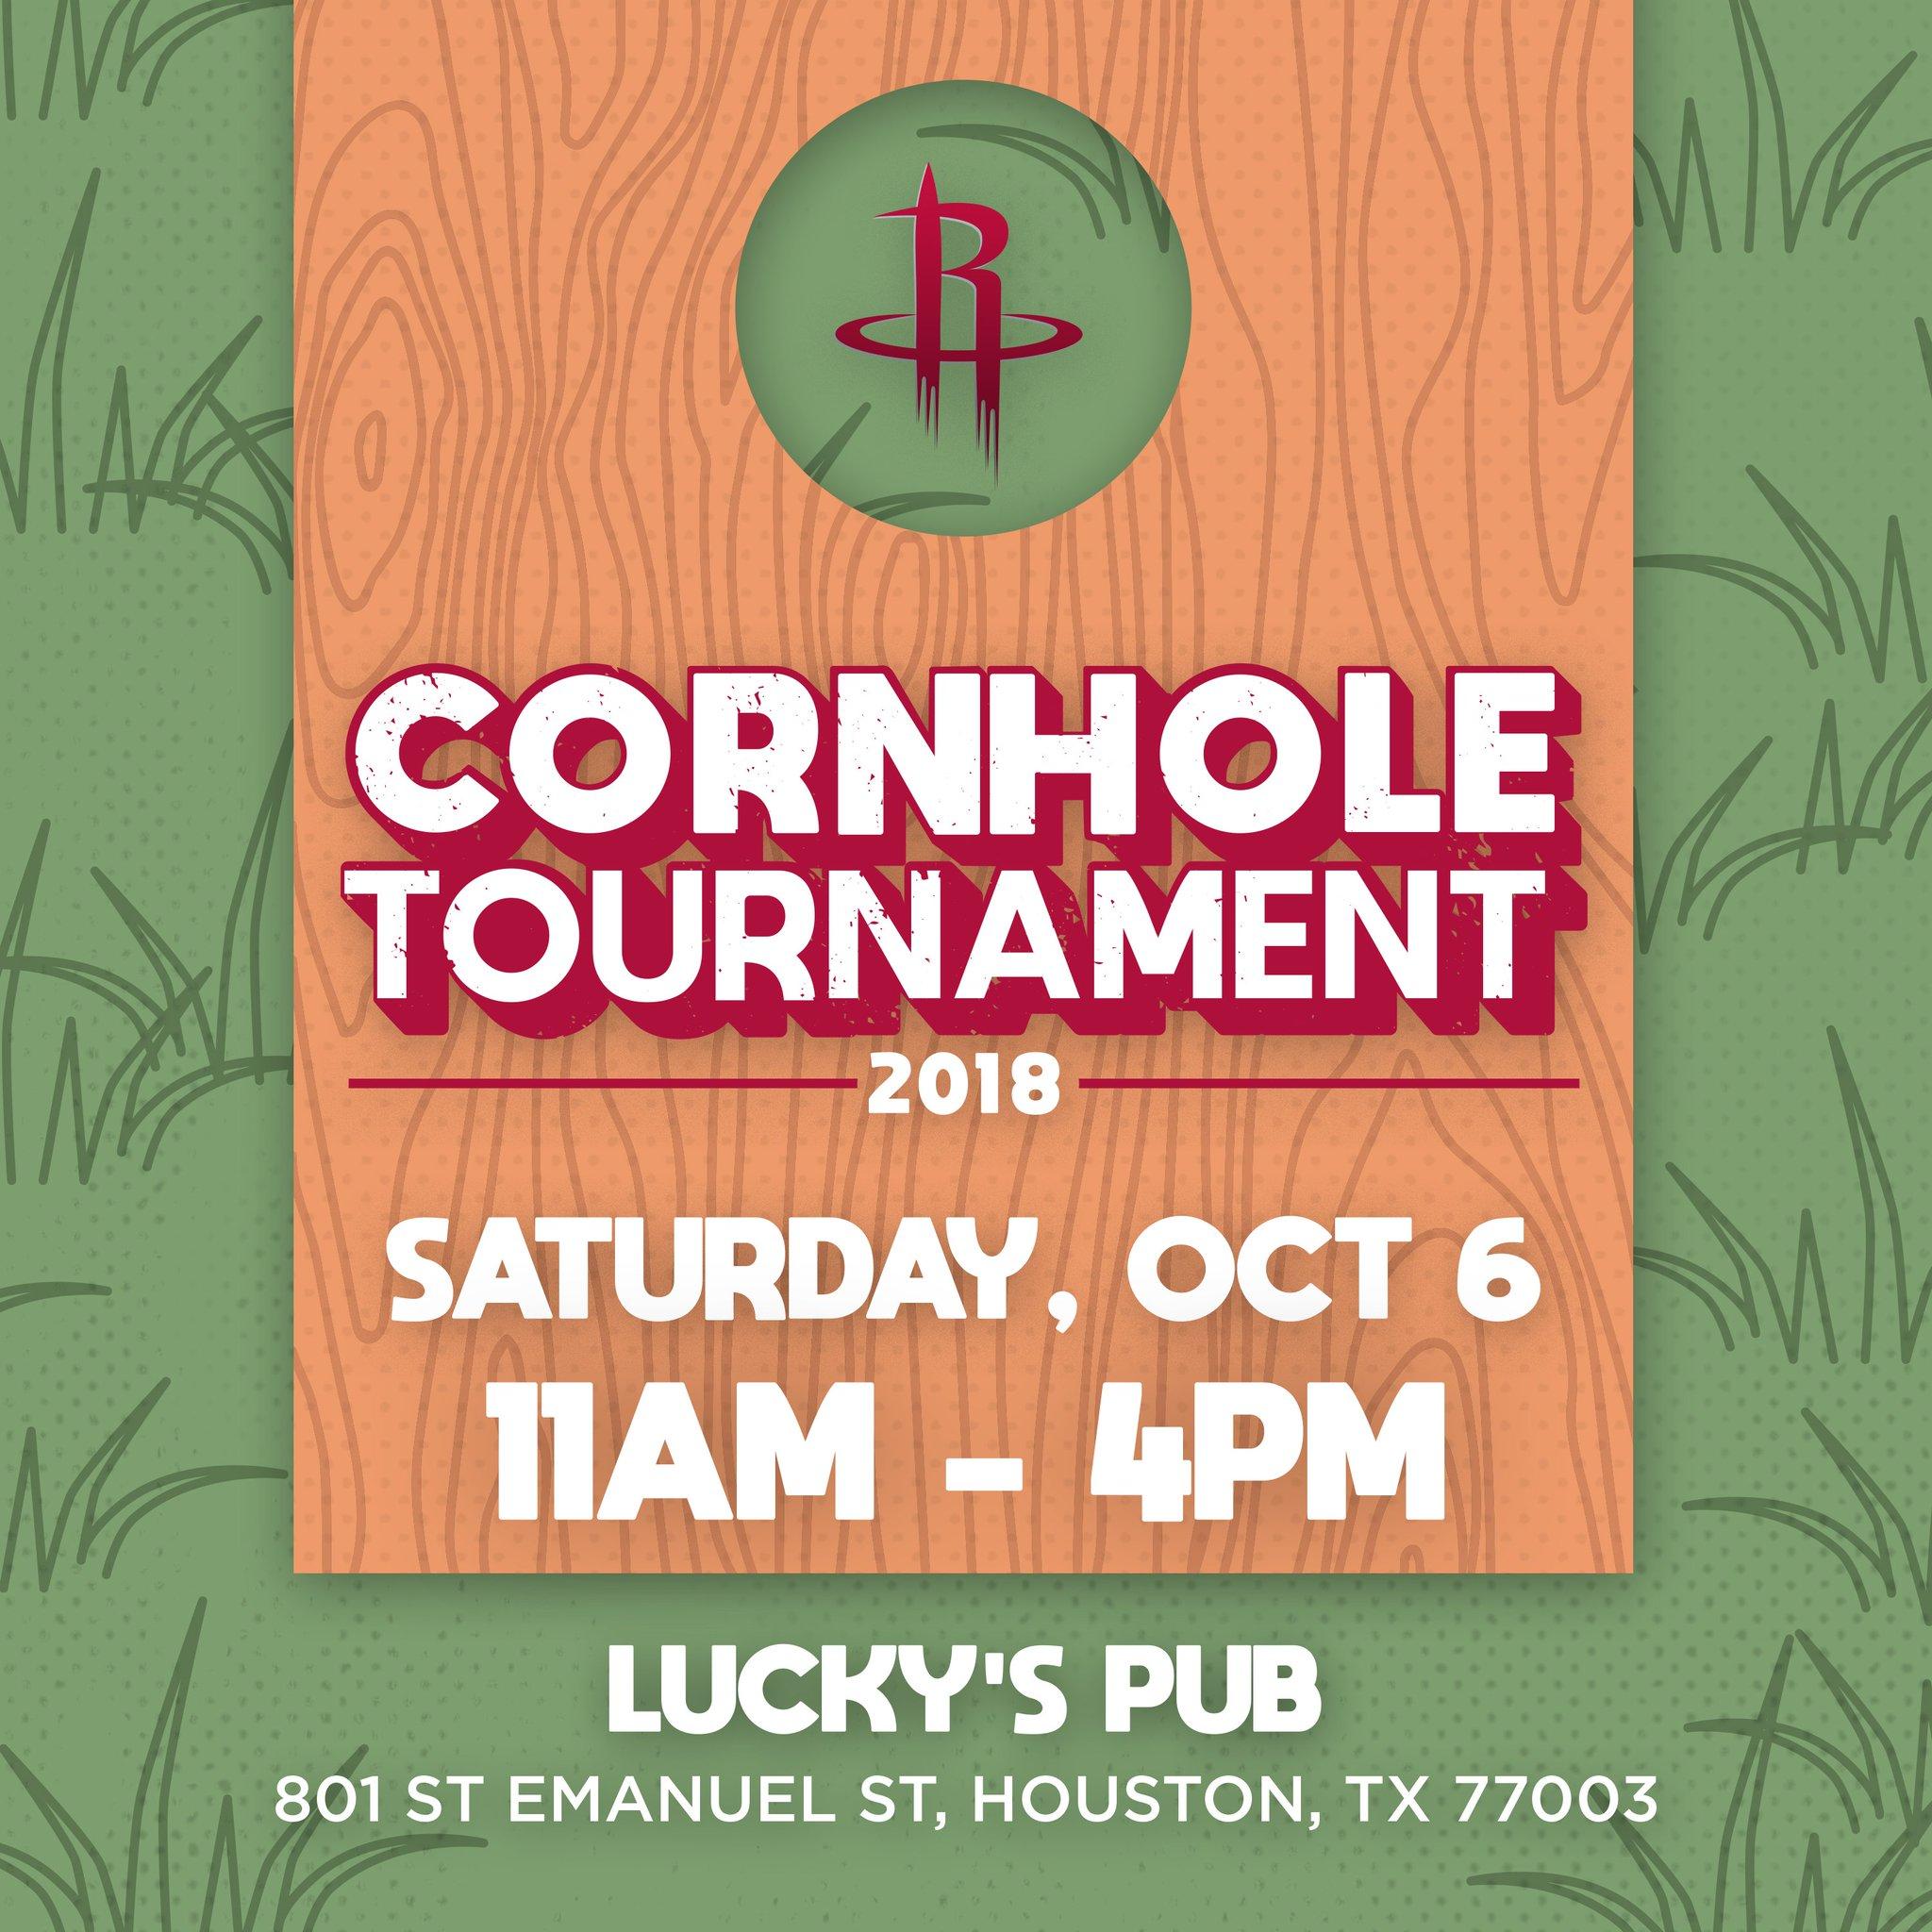 Register for our Cornhole tournament on October 6th!  �� | https://t.co/hw1OrEcxSY https://t.co/kkuXAJ7sPF